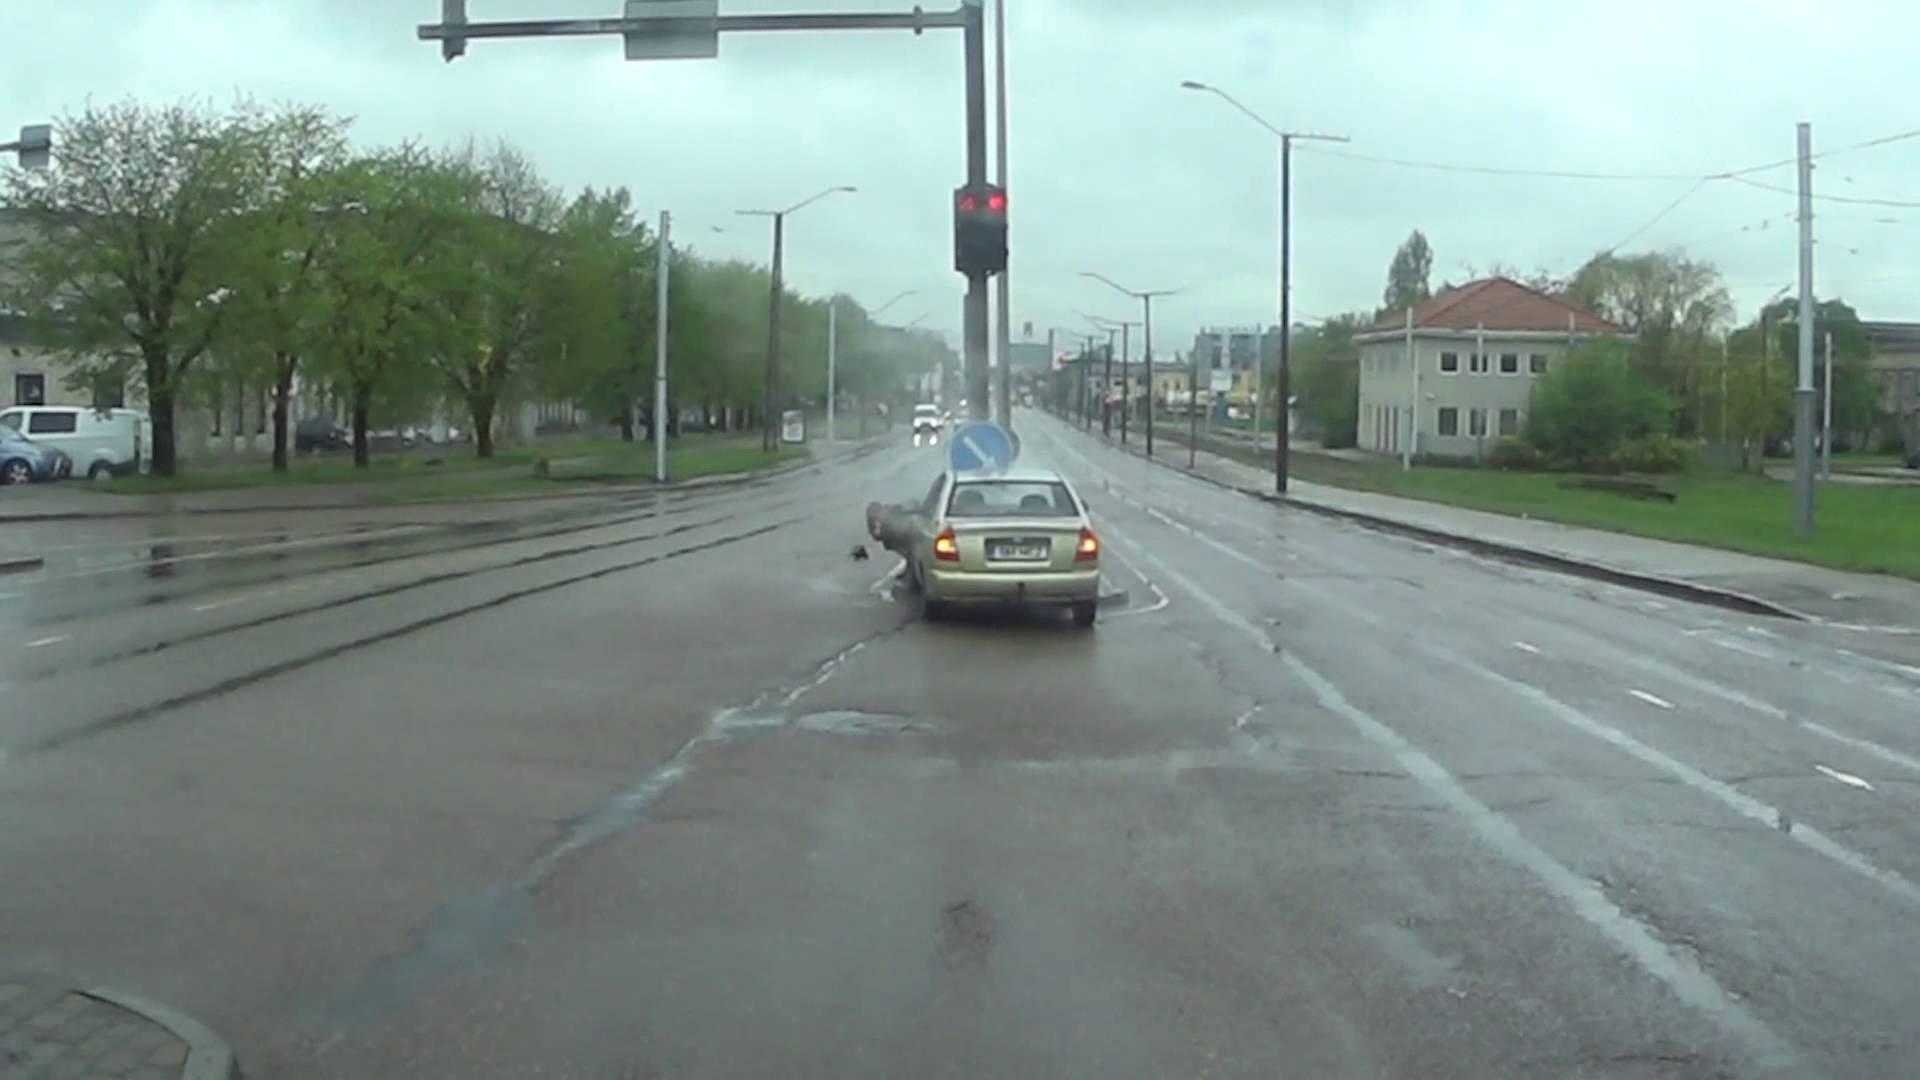 VIDEO: Liiklusvägivald Eesti moodi - sellele eestlasele maksis liikluses tõmblemine kohe kätte